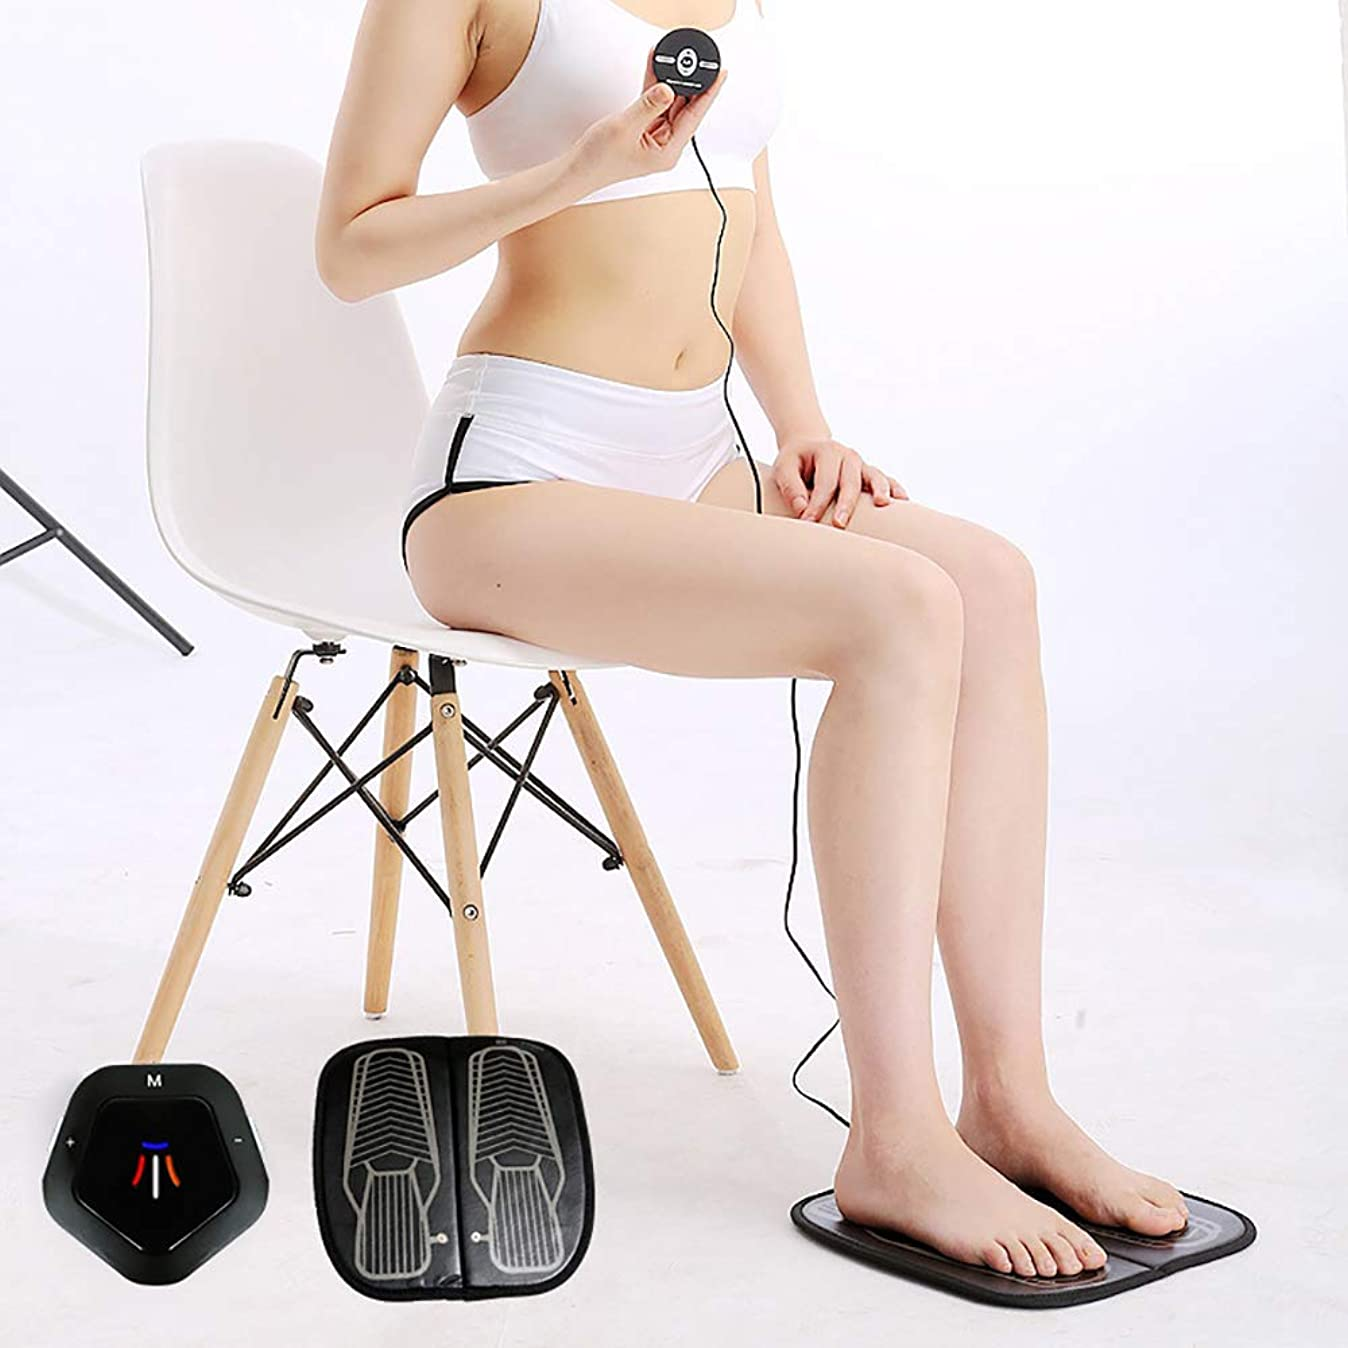 不十分な訪問したいEMS理学療法の足のマッサージのクッション、USBの再充電可能な振動の足のペディキュア機械はフィートの苦痛を取り除きます血循環を改善します